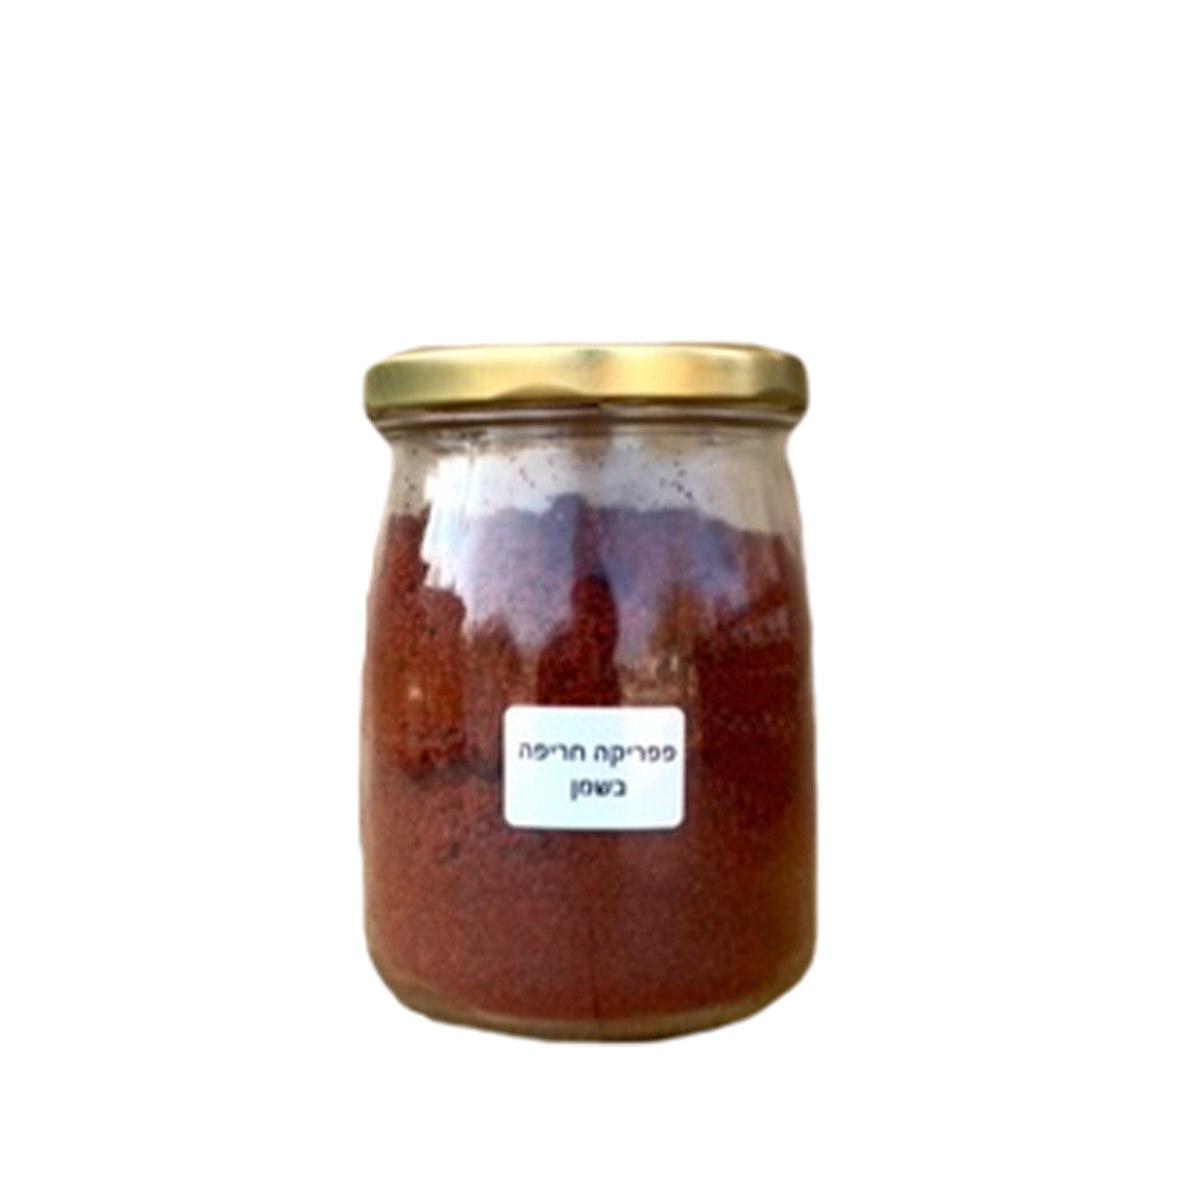 צנצנת פפריקה חריפה בשמן 200 גרם